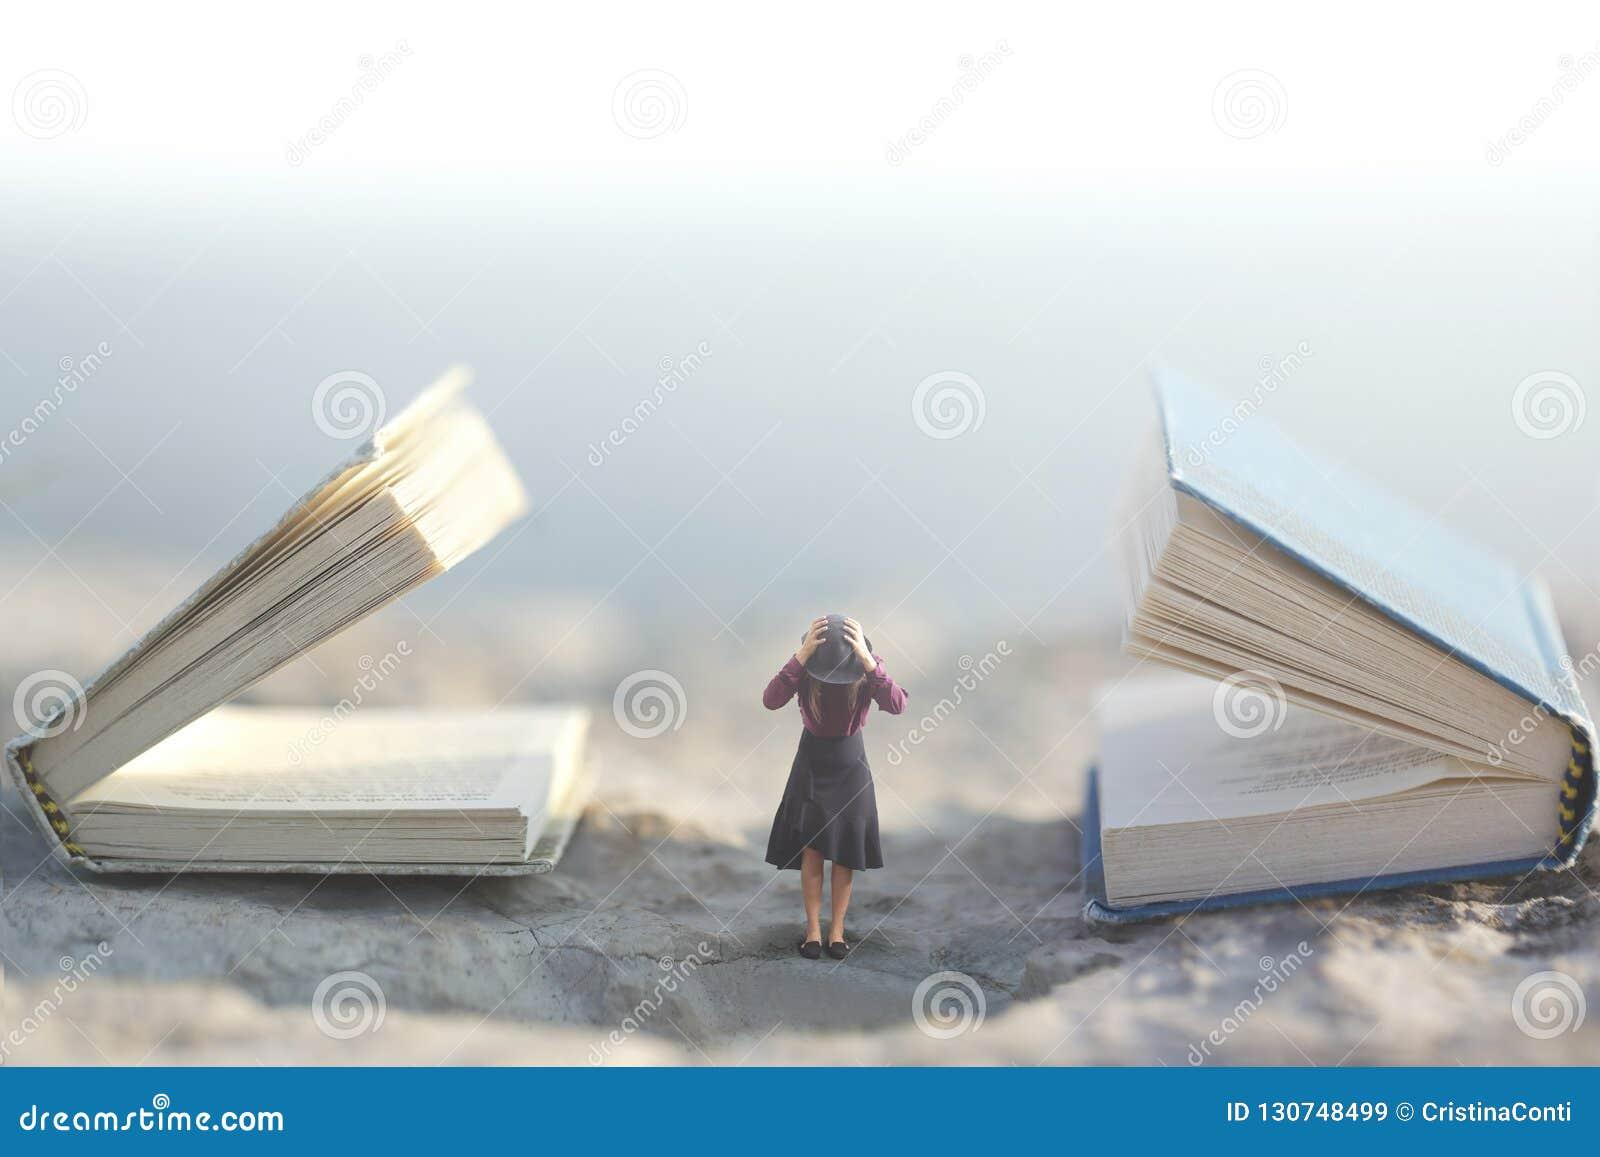 Surrealer Moment, wo eine kleine Frau ihre Ohren damit, nicht auf zwei riesige Unterhaltungsbücher zu hören stoppt